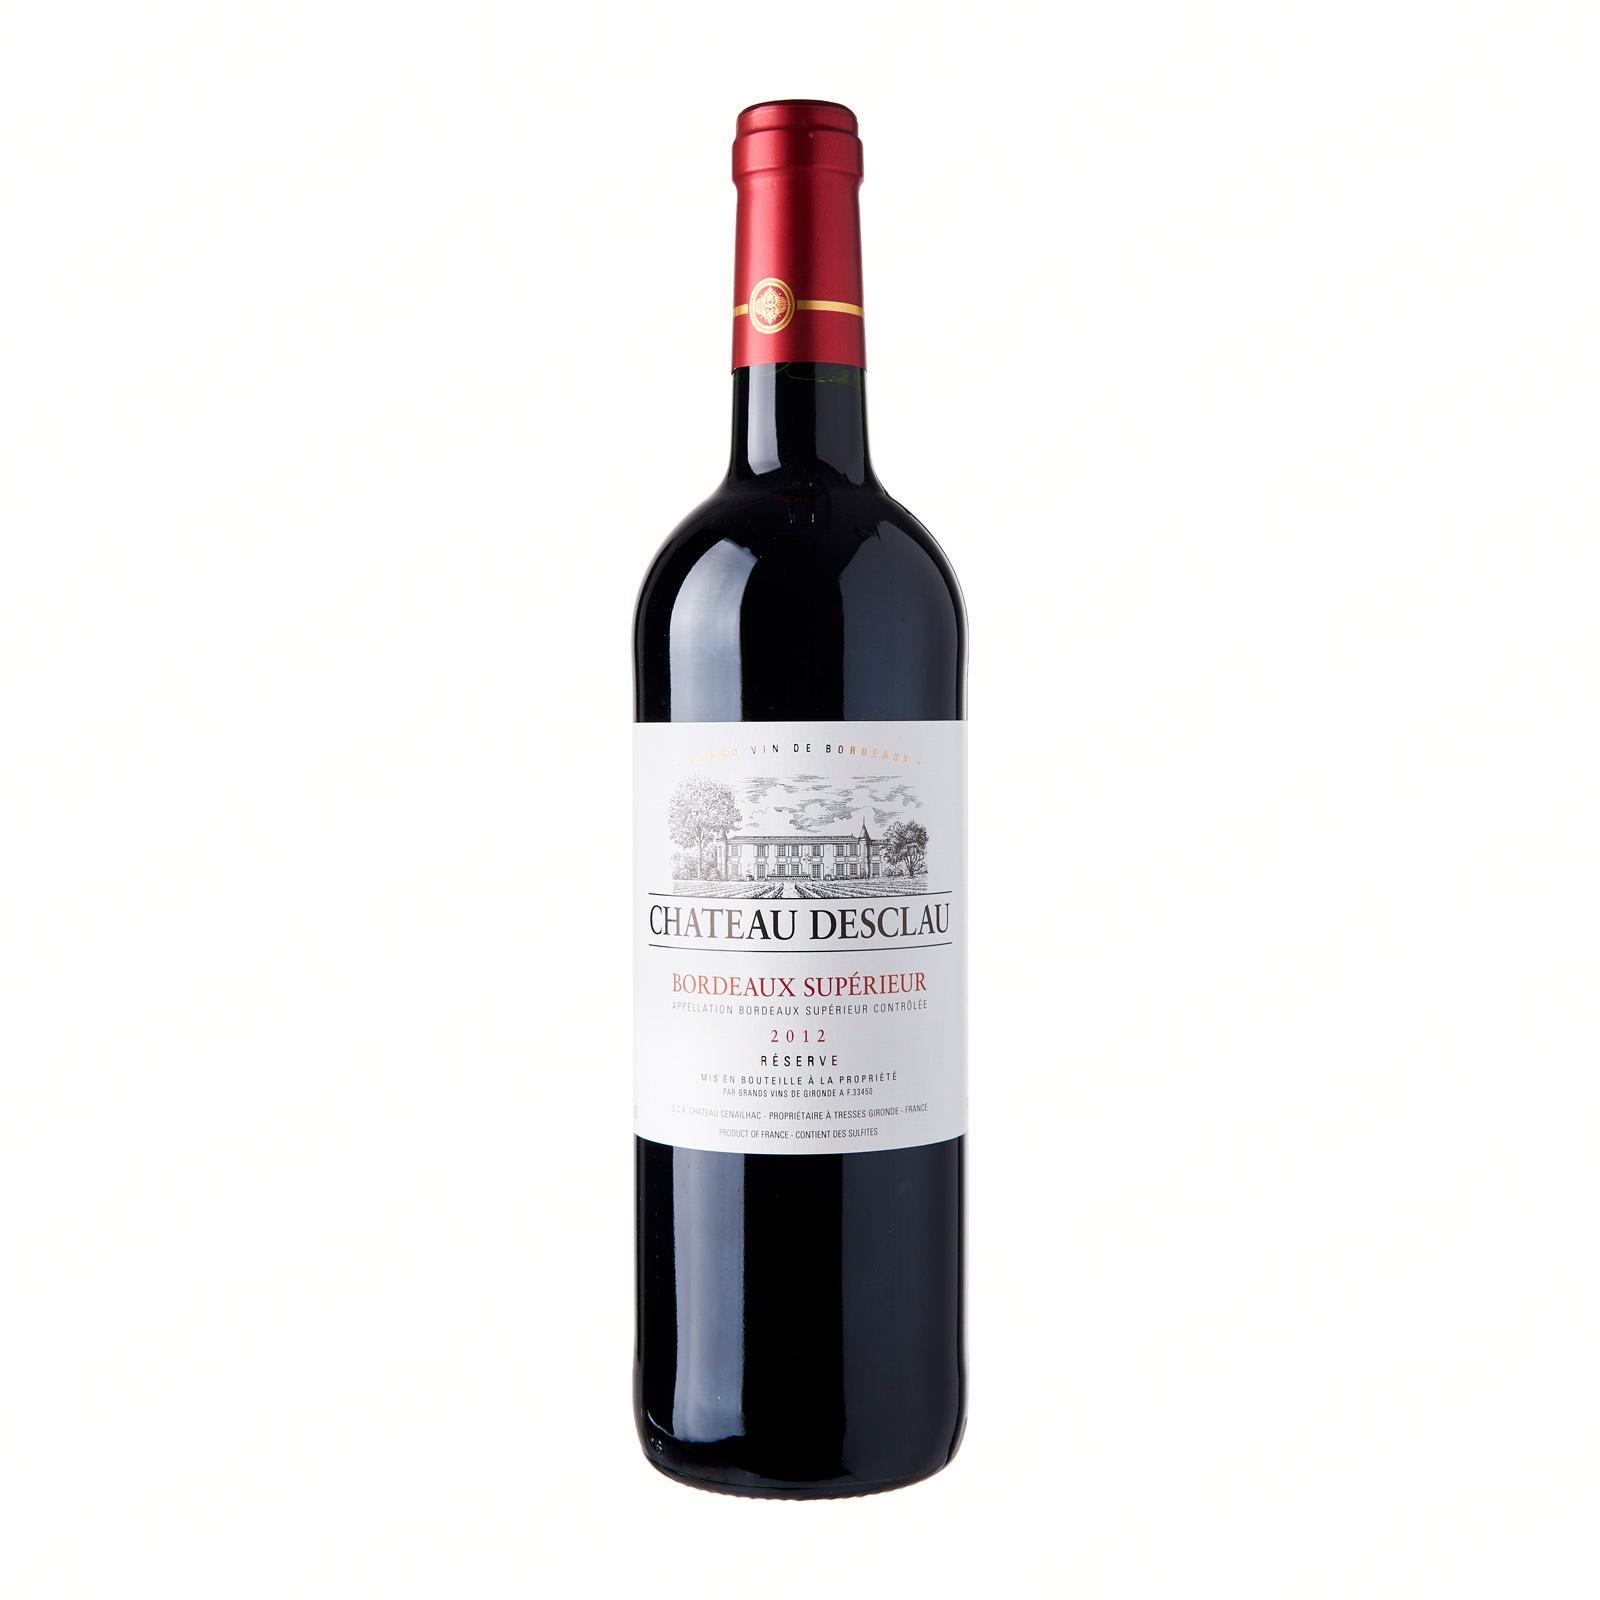 Chateau Desclau Bordeaux Superieur Rouge Reserve - By The Liquor Shop Singapore